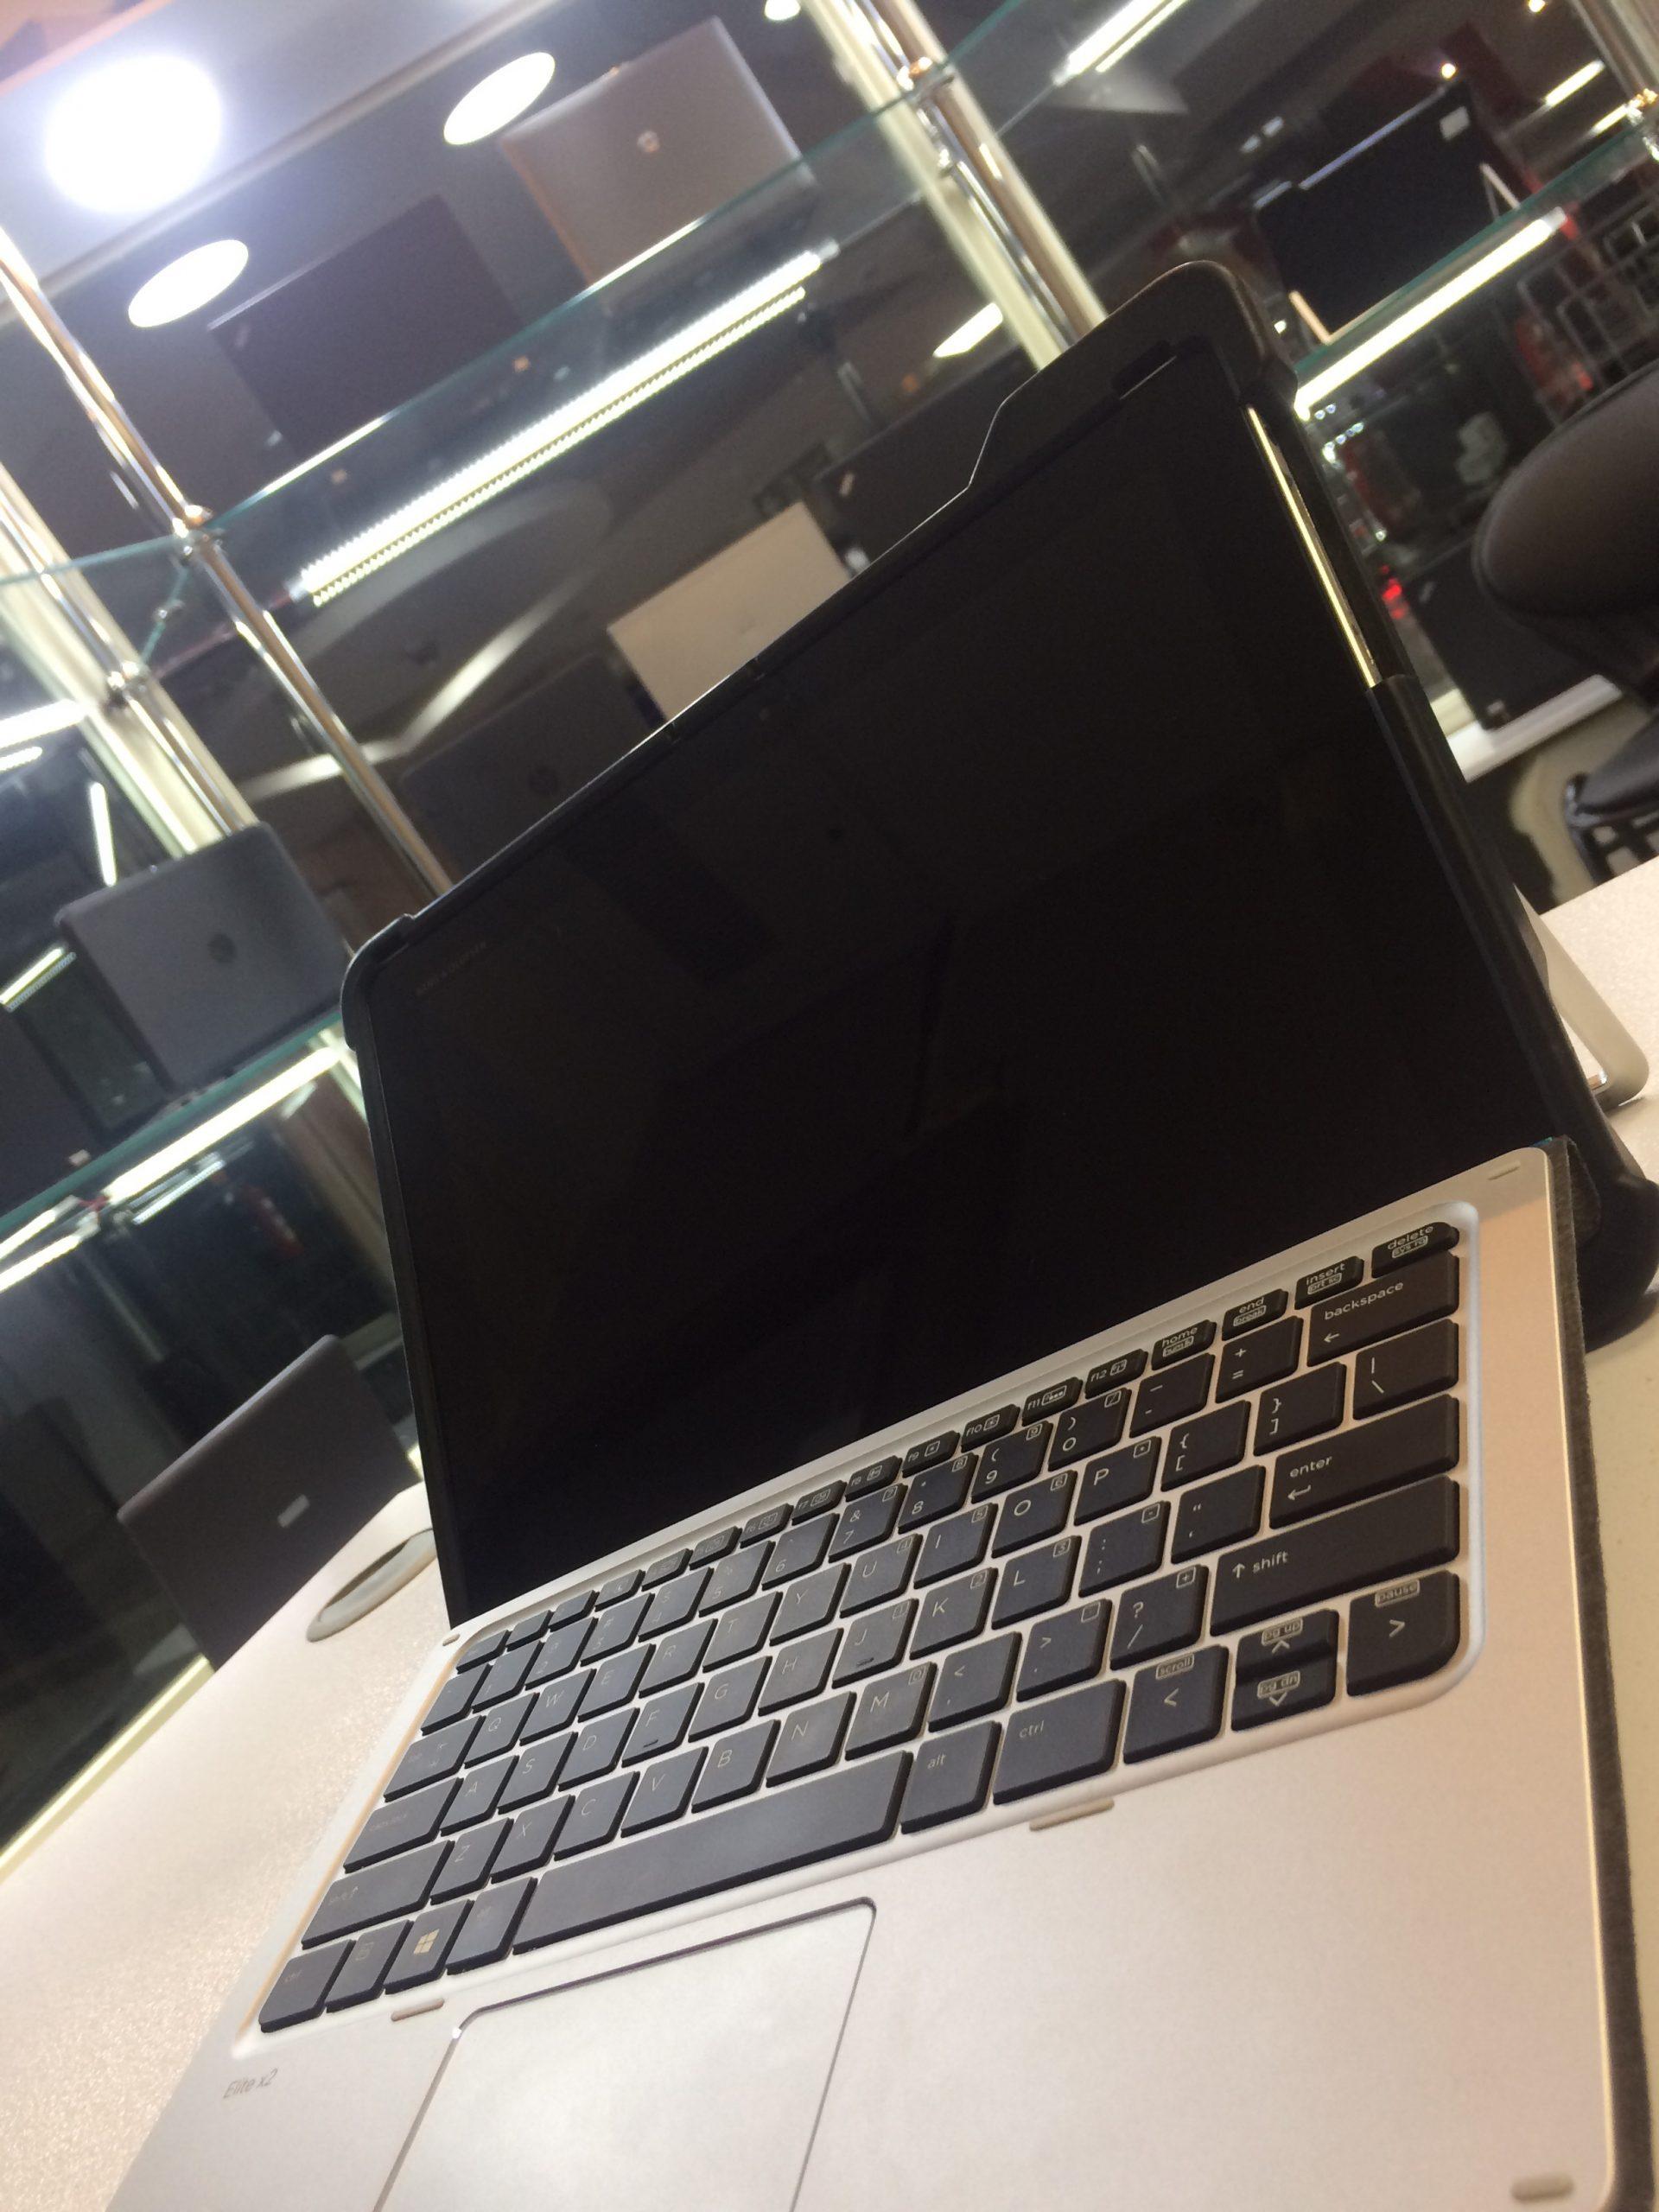 فروش ویژه لپ تاپ های استوک اروپا